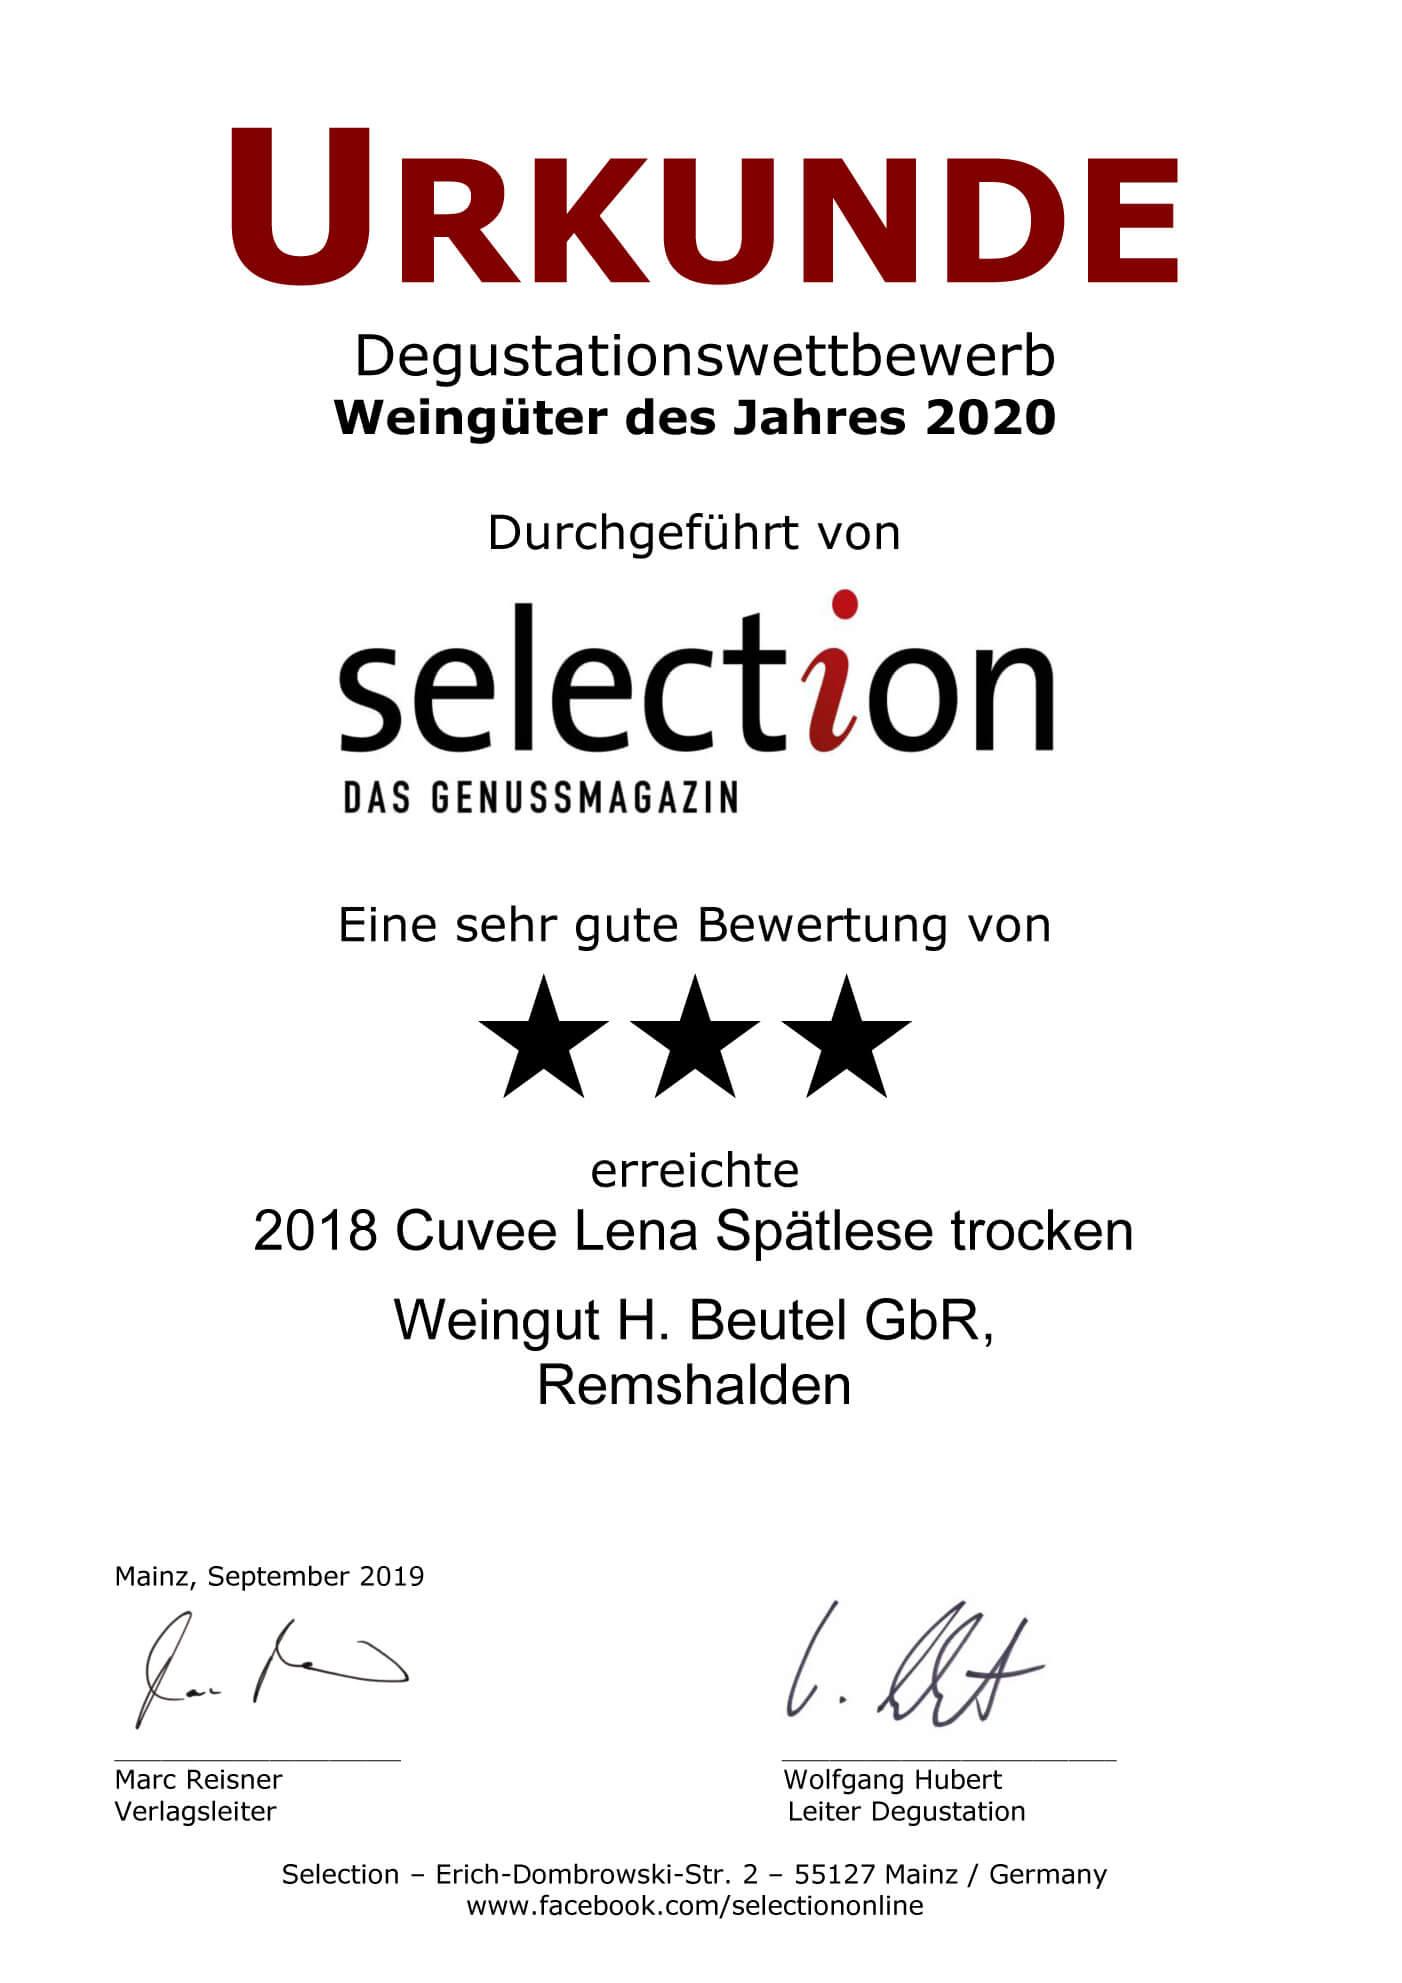 Urkunde Selection-Weingüter 2020- Cuvee Lena Spätlese